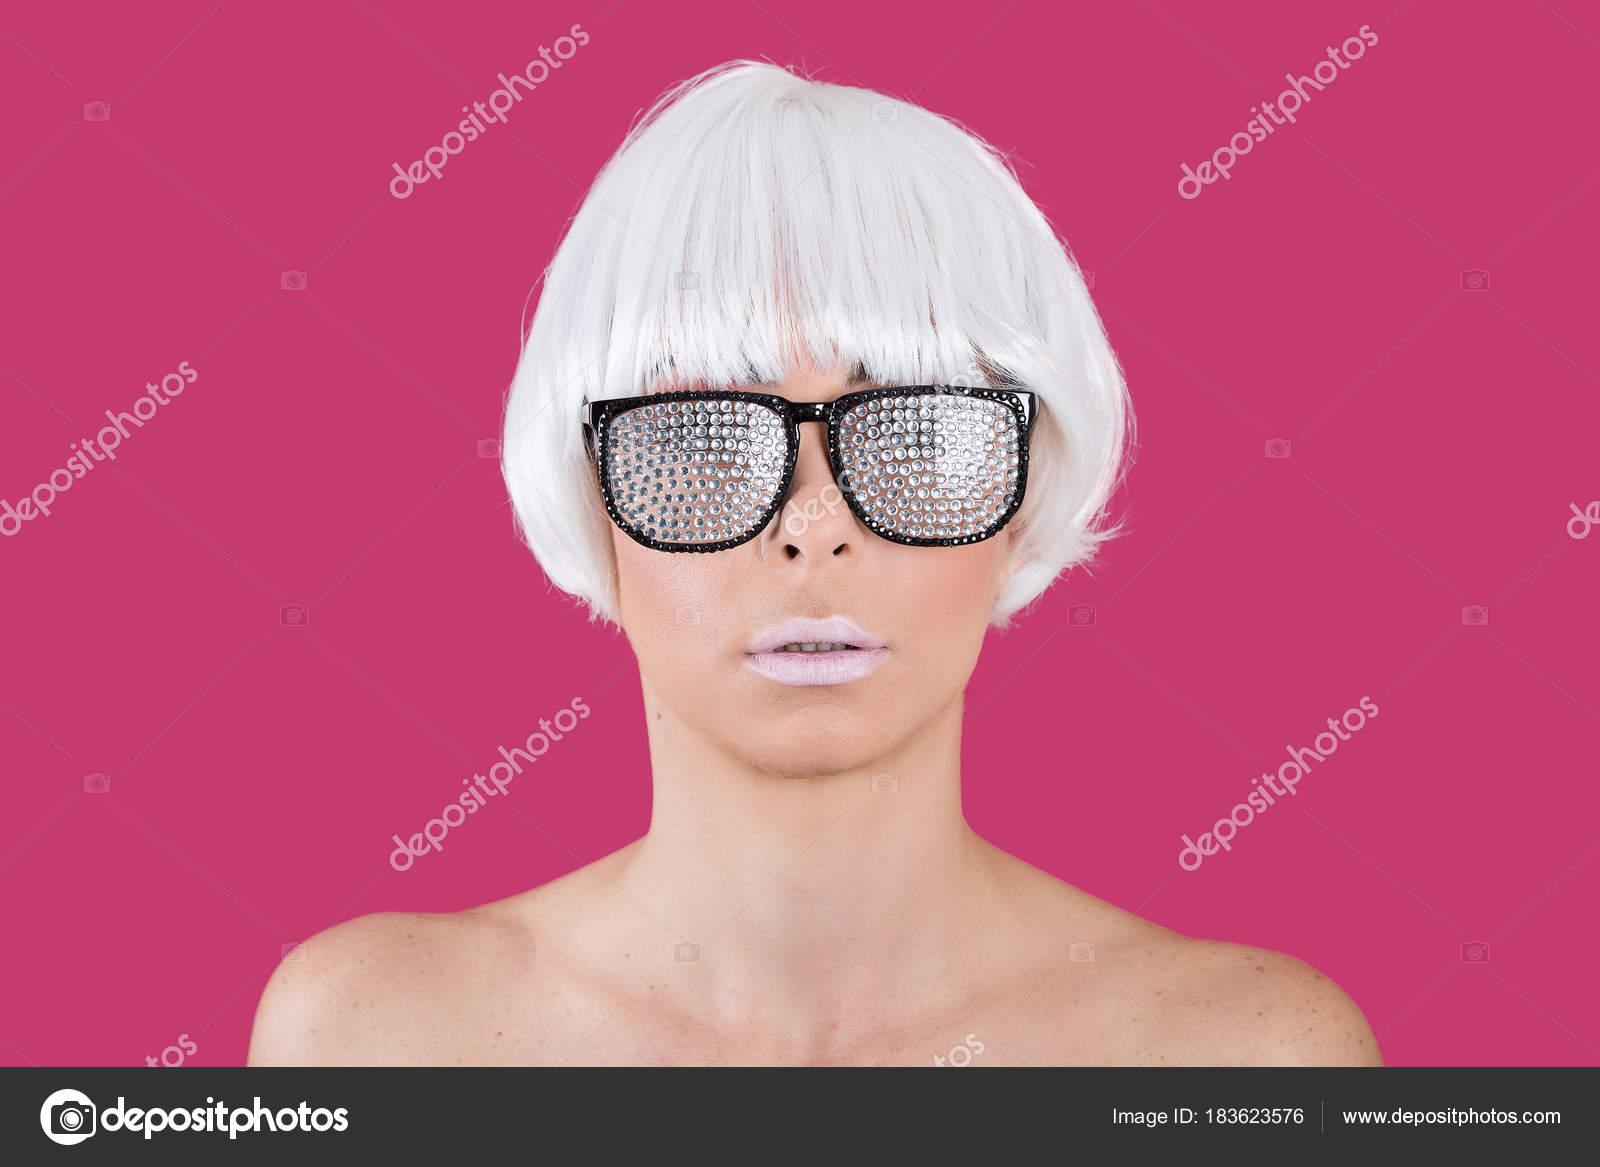 61d7825d8d9f2 Loiro modelo glamourosa, óculos de sol — Fotografia de Stock